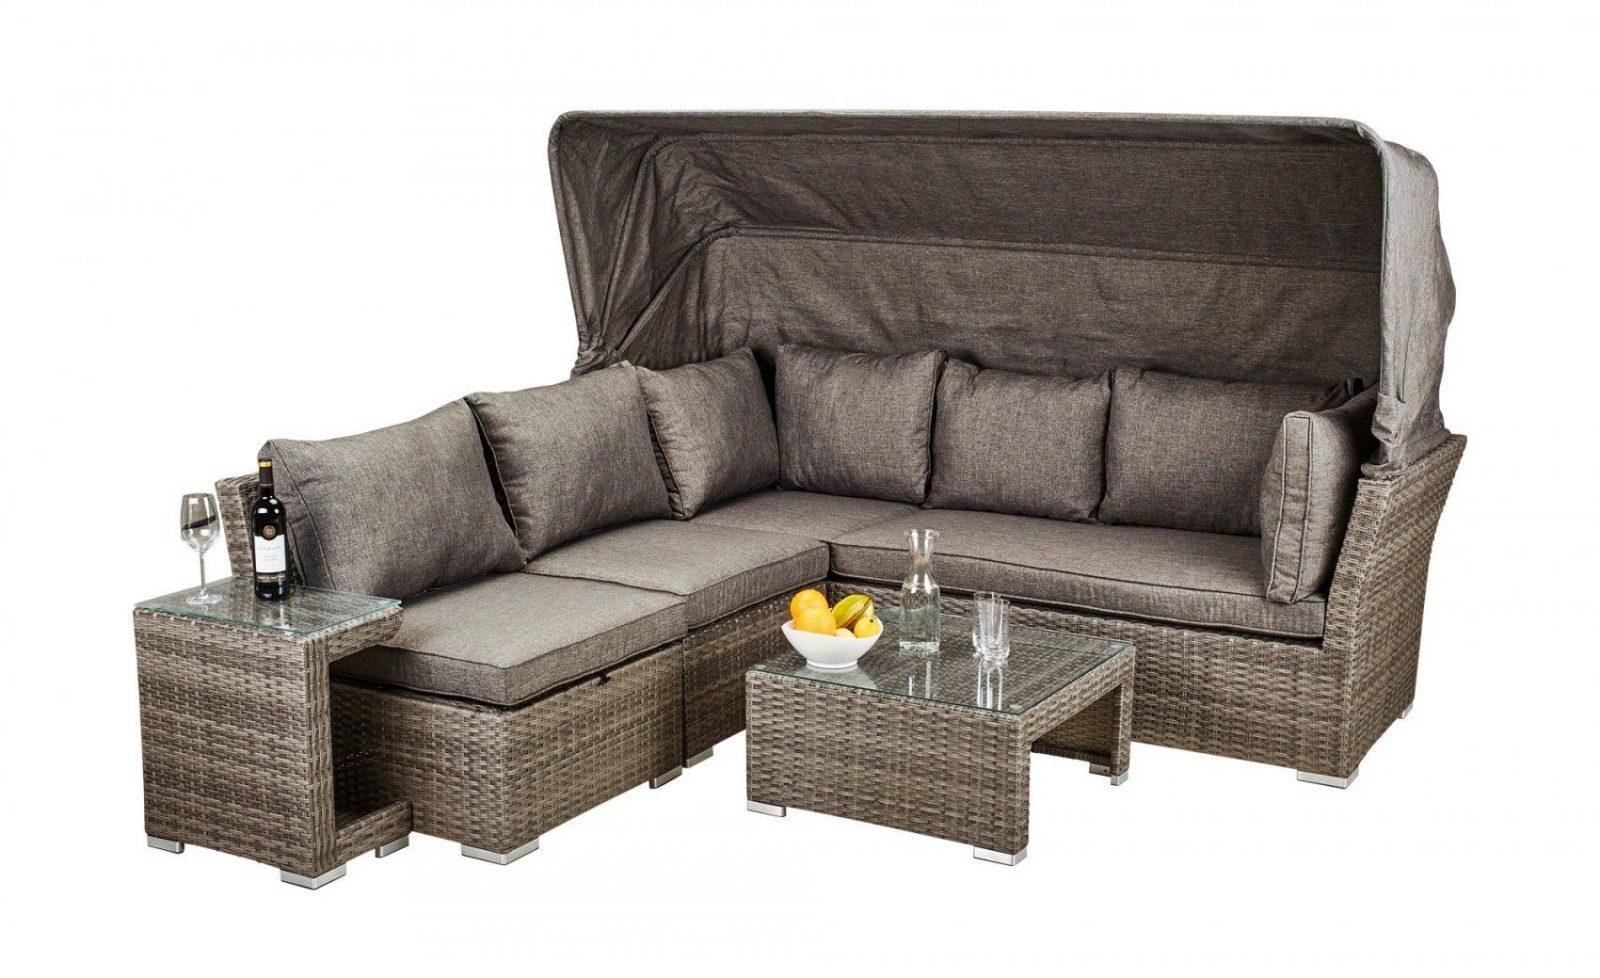 Gartenmöbel A Casa Mia von A Casa Mia Lounge Möbel Photo